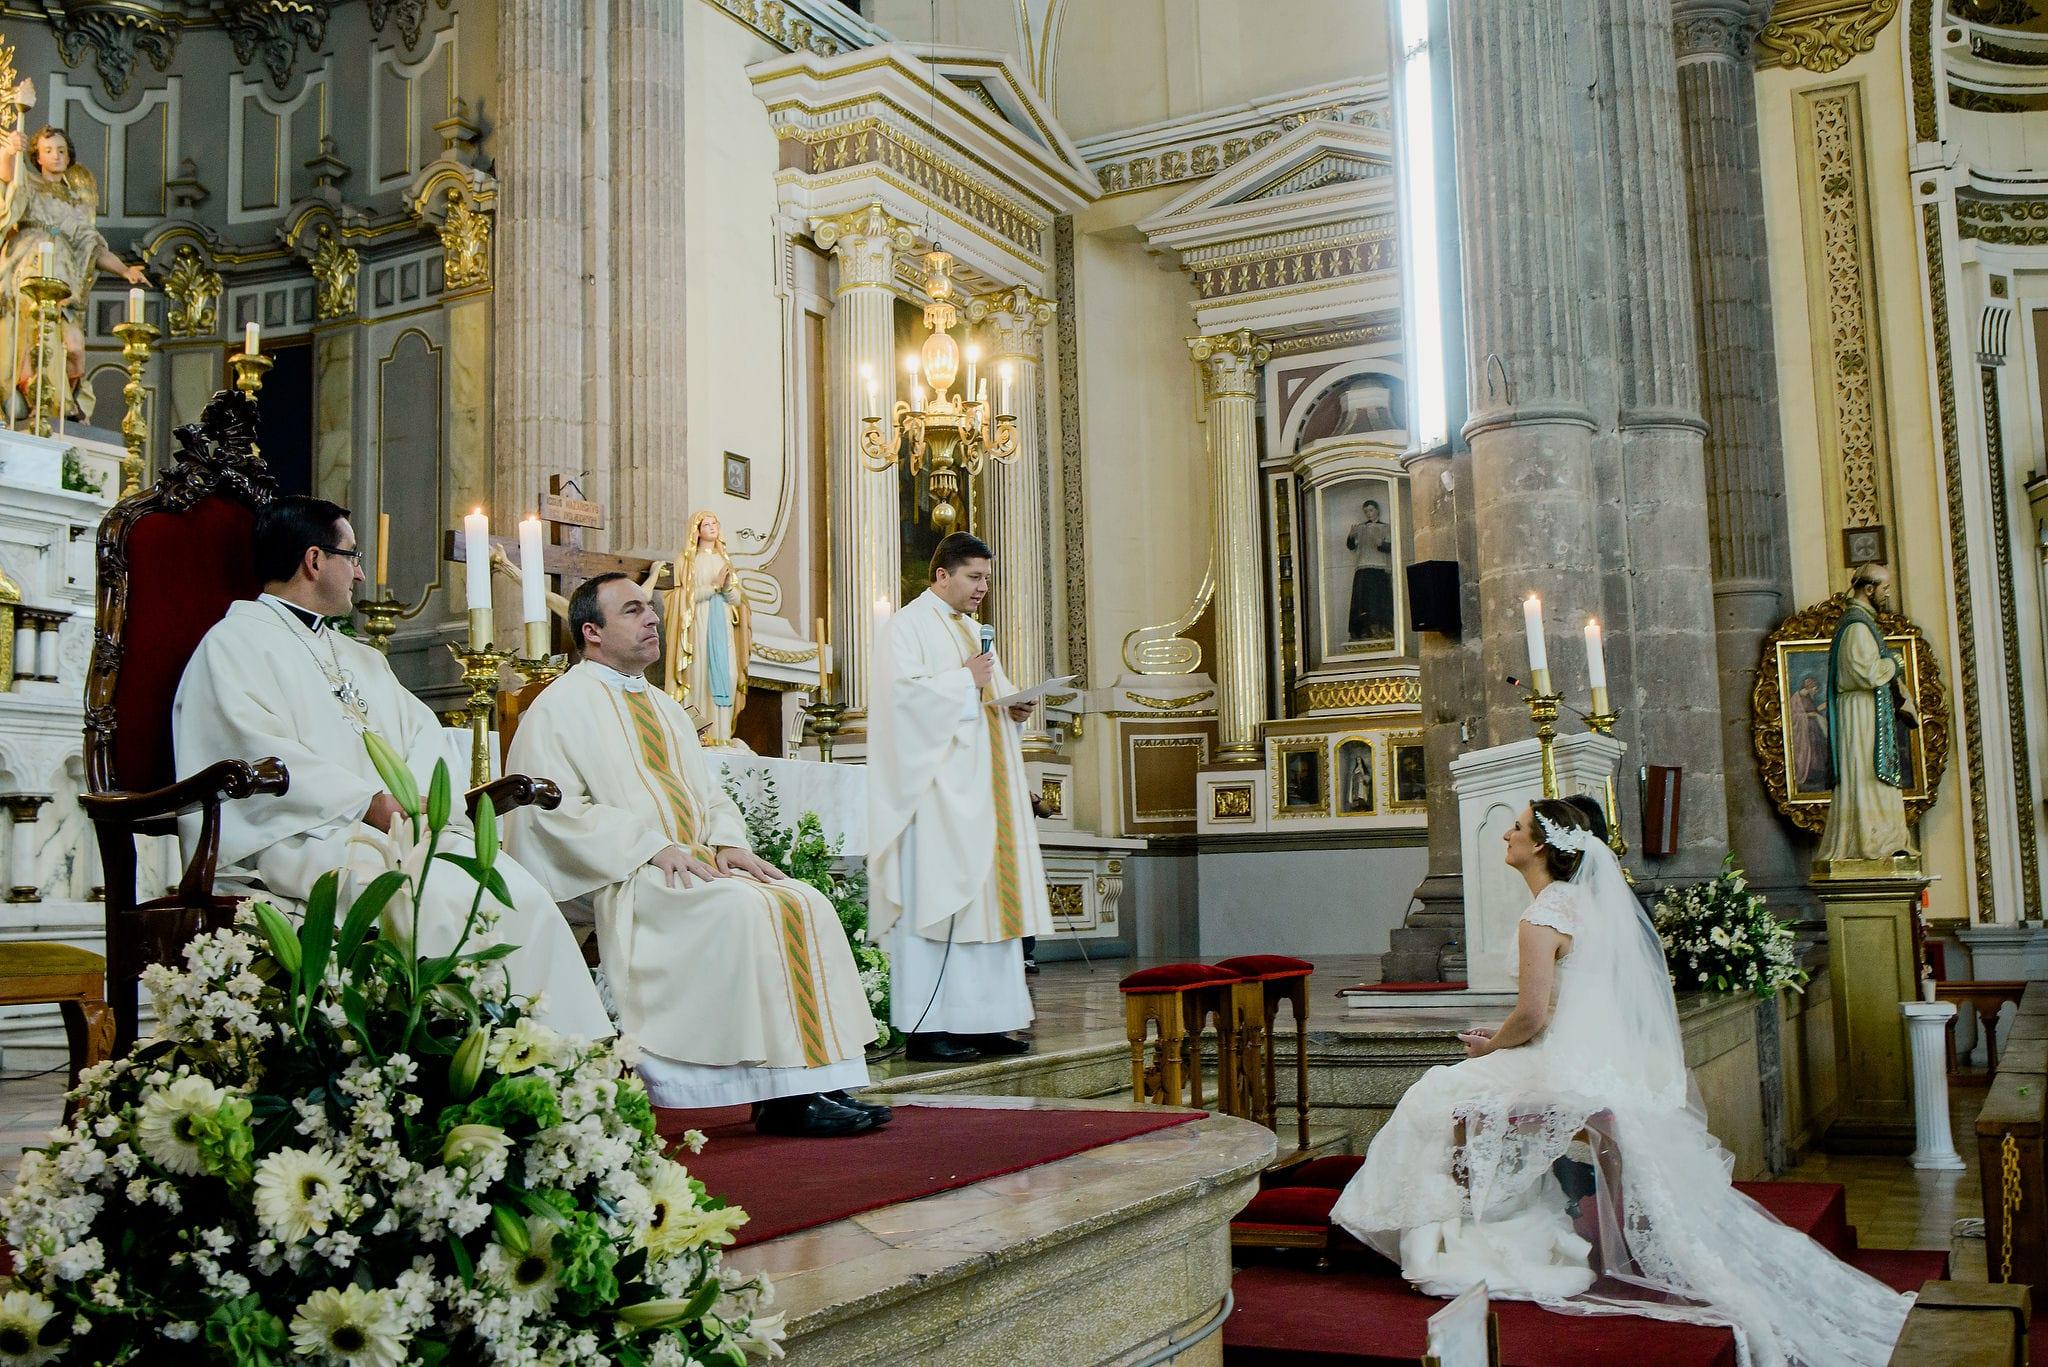 bodas-en-puebla-museo-de-san-pedro-la-compañia-0883